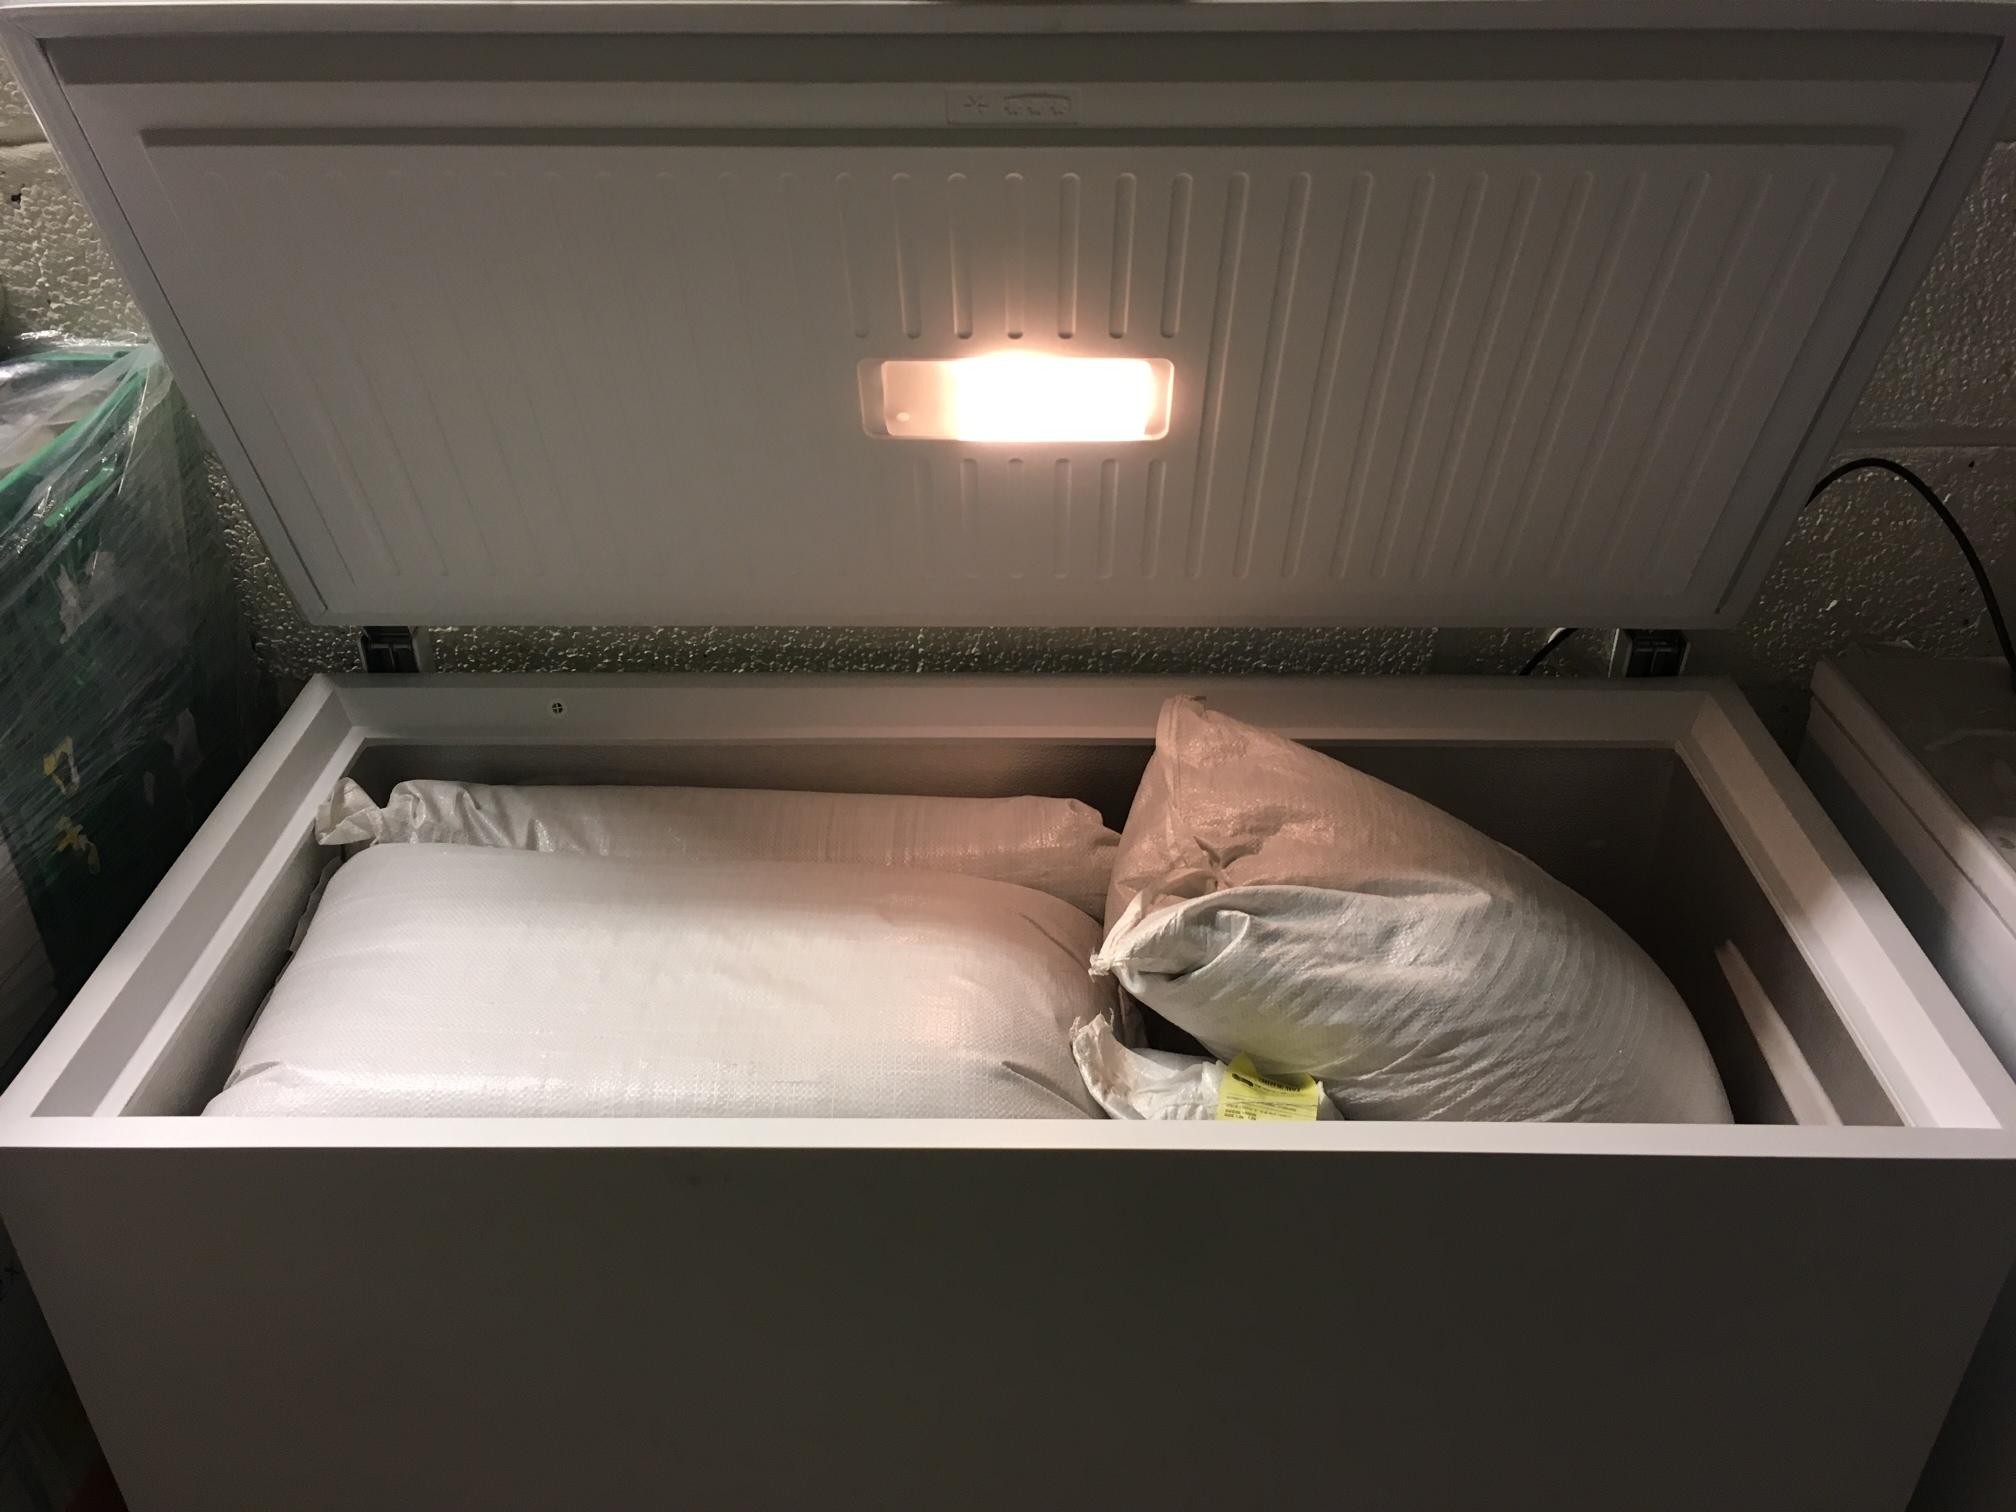 Det store frøfirmaet Norgro på Hamar lagrer frø av norske kålrotsorter i frysebokser gjennom mange år. Når frø tas ut, blir de spiretestet før de går til kunden. Foto: Sven Taksdal. Norgro